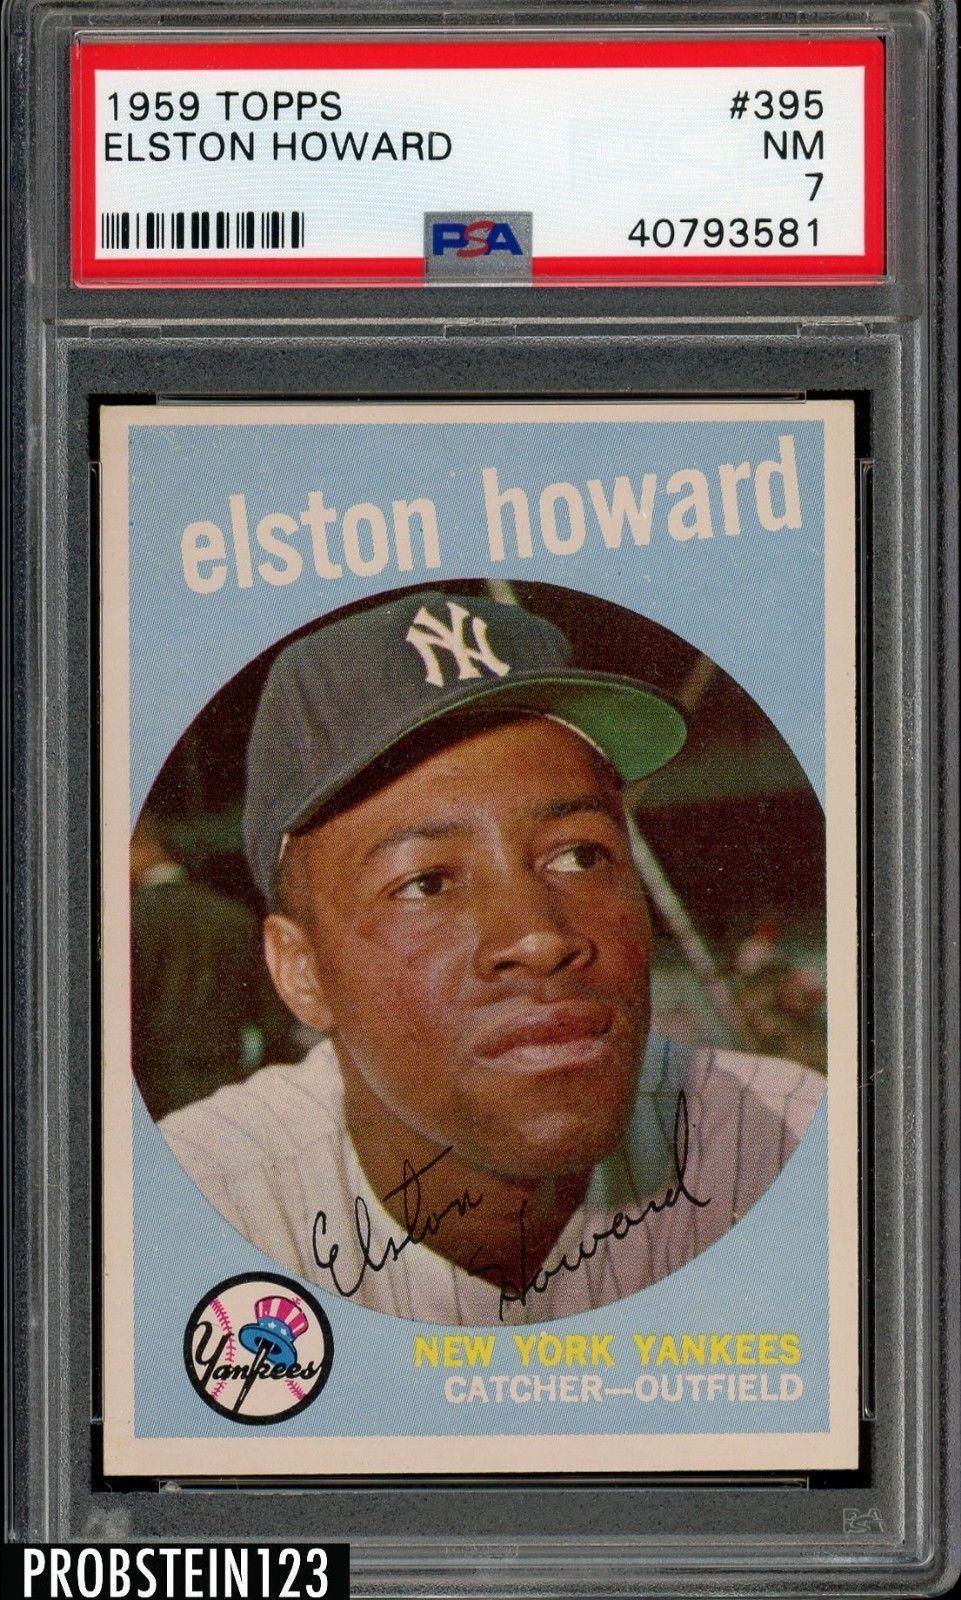 1959 Topps 395 Elston Howard Yankees Psa 7 Nm